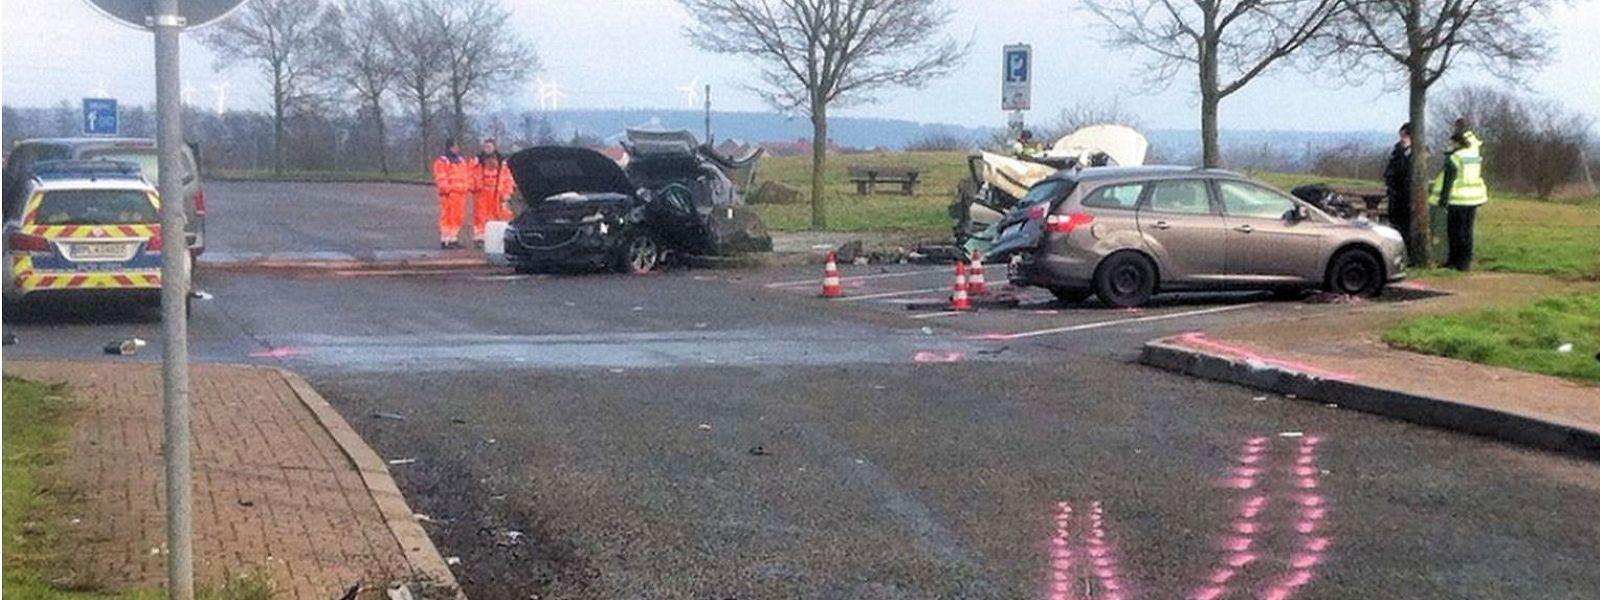 Bei dem Unfall kam eine Person ums Leben, drei weitere wurden verletzt.